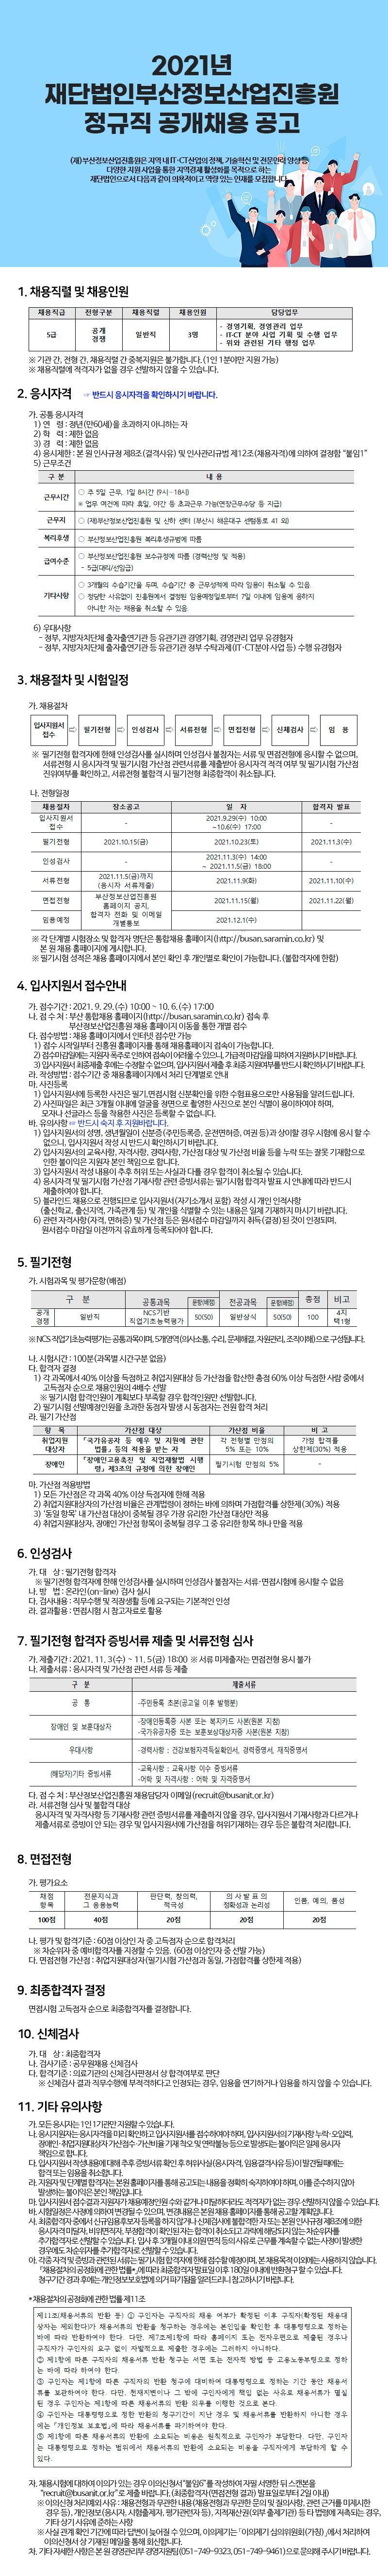 (재)부산정보산업진흥원 정규직 공개채용 공고